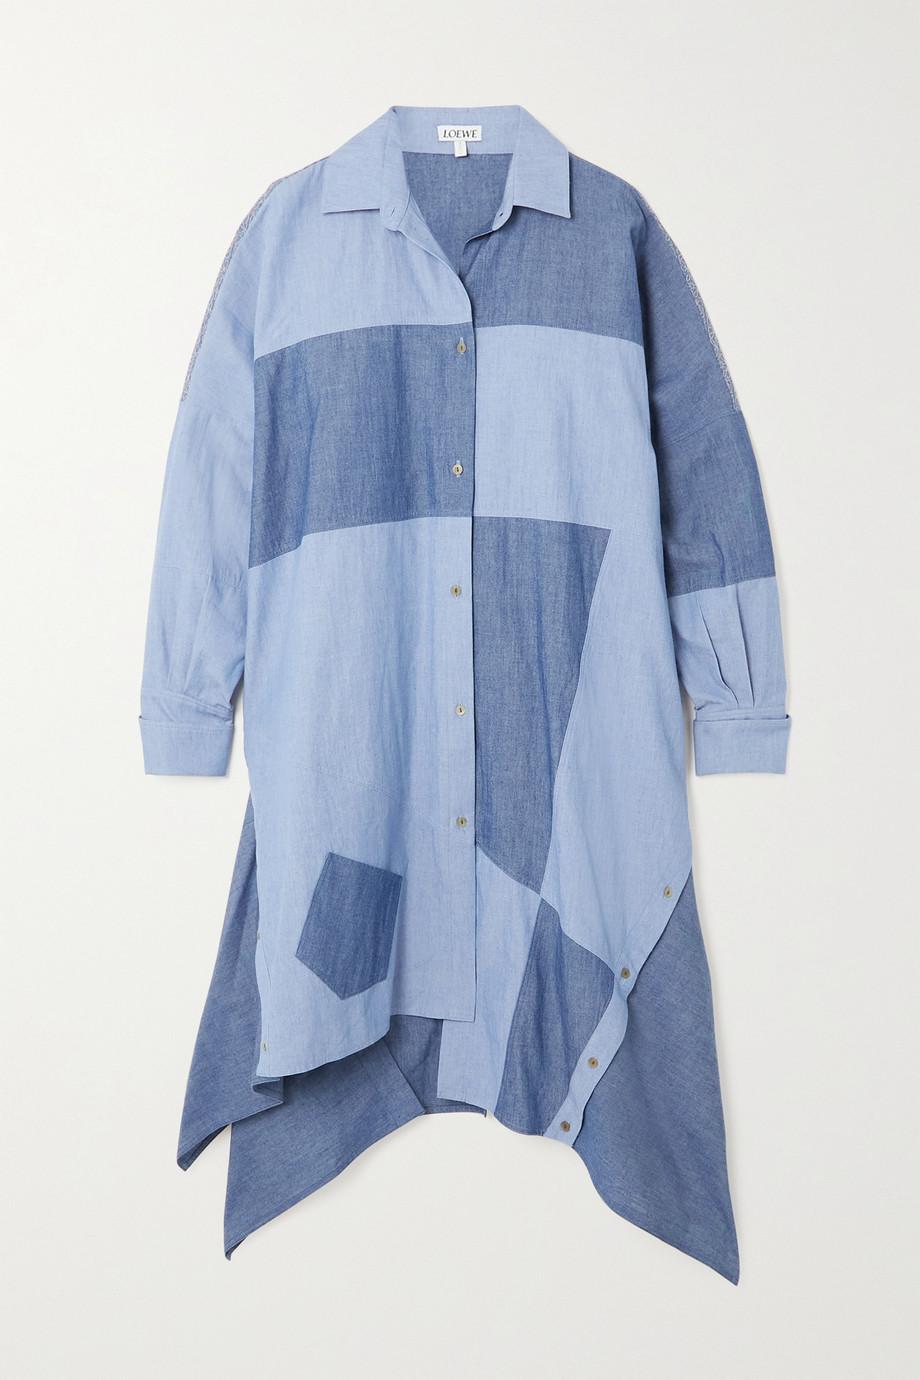 Loewe Asymmetrisches Hemdblusenkleid aus Baumwoll-Chambray in Patchwork-Optik